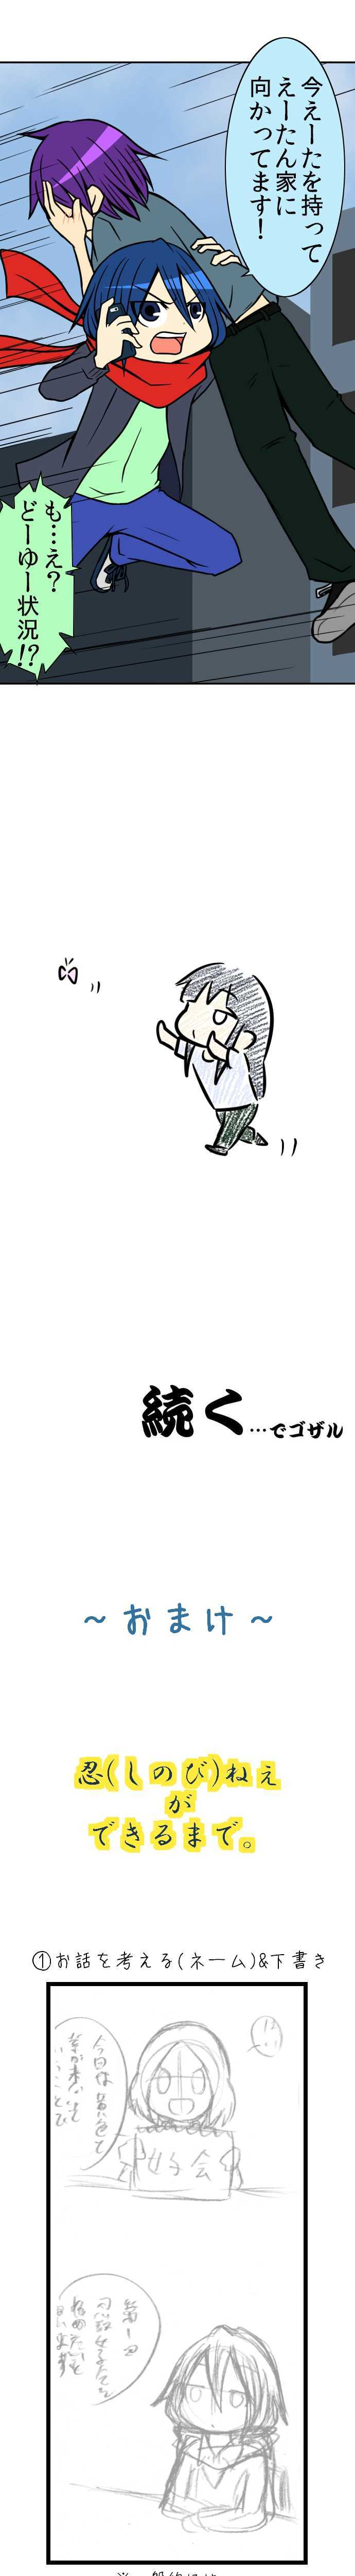 46術目:忍ぶ連絡網